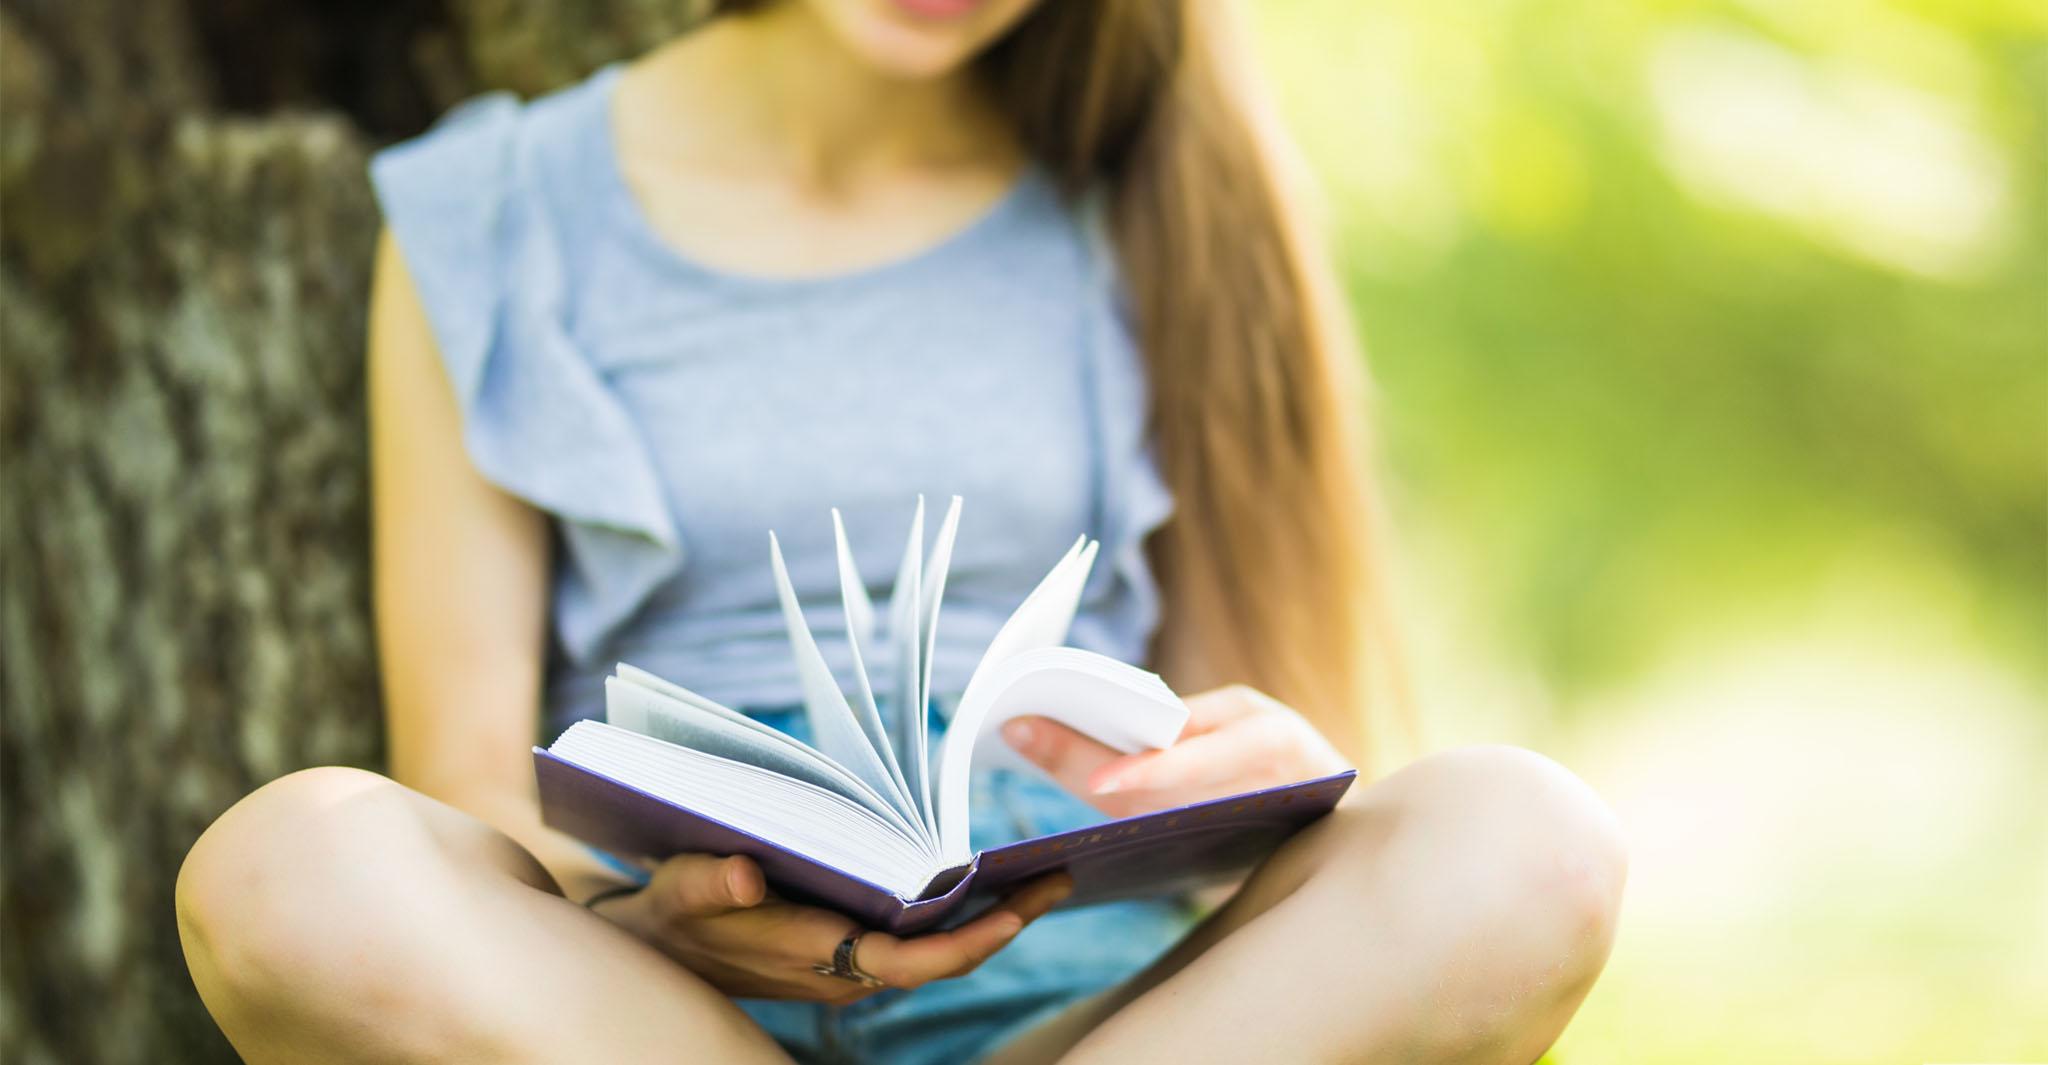 6-letture-estive-per-ragazzi-delle-scuole-superiori